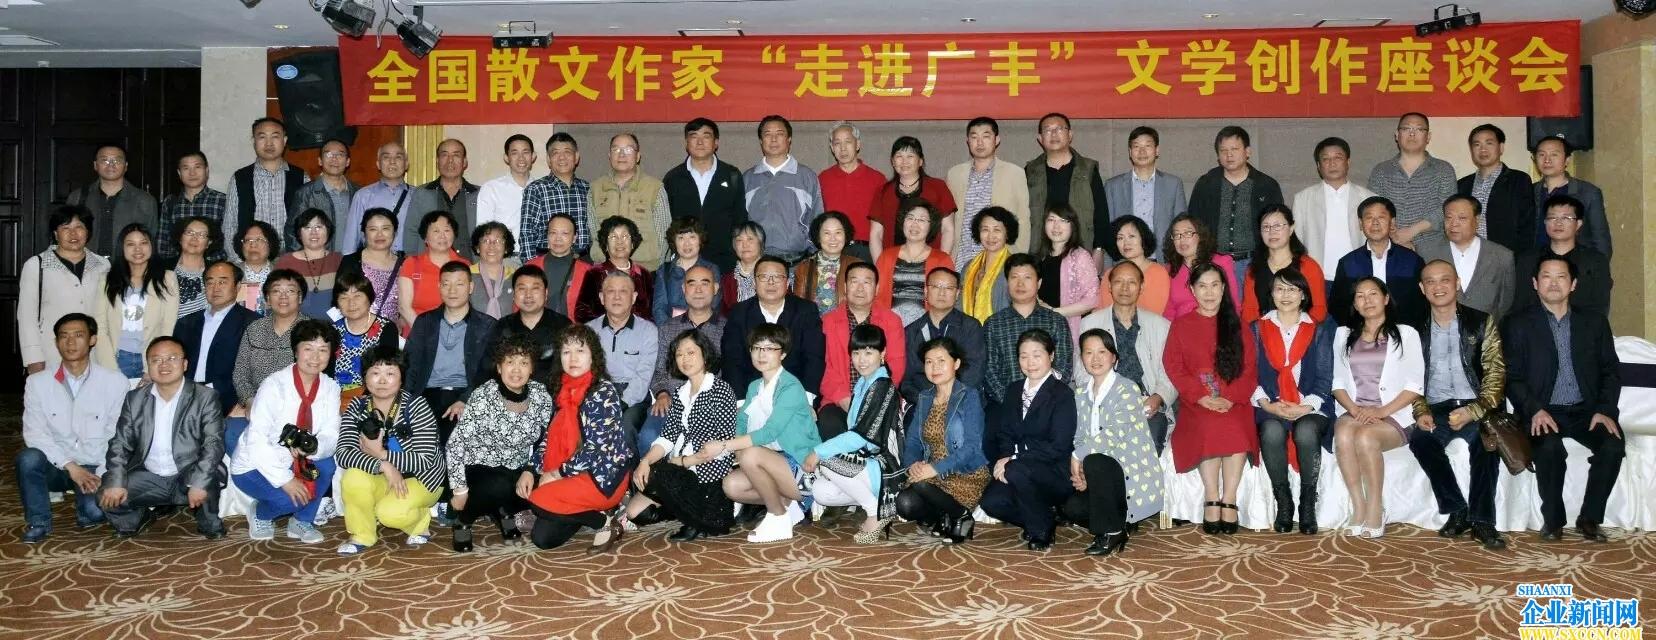 理事伏萍散文集《生命的叶子》在广丰全国笔会绽放风采